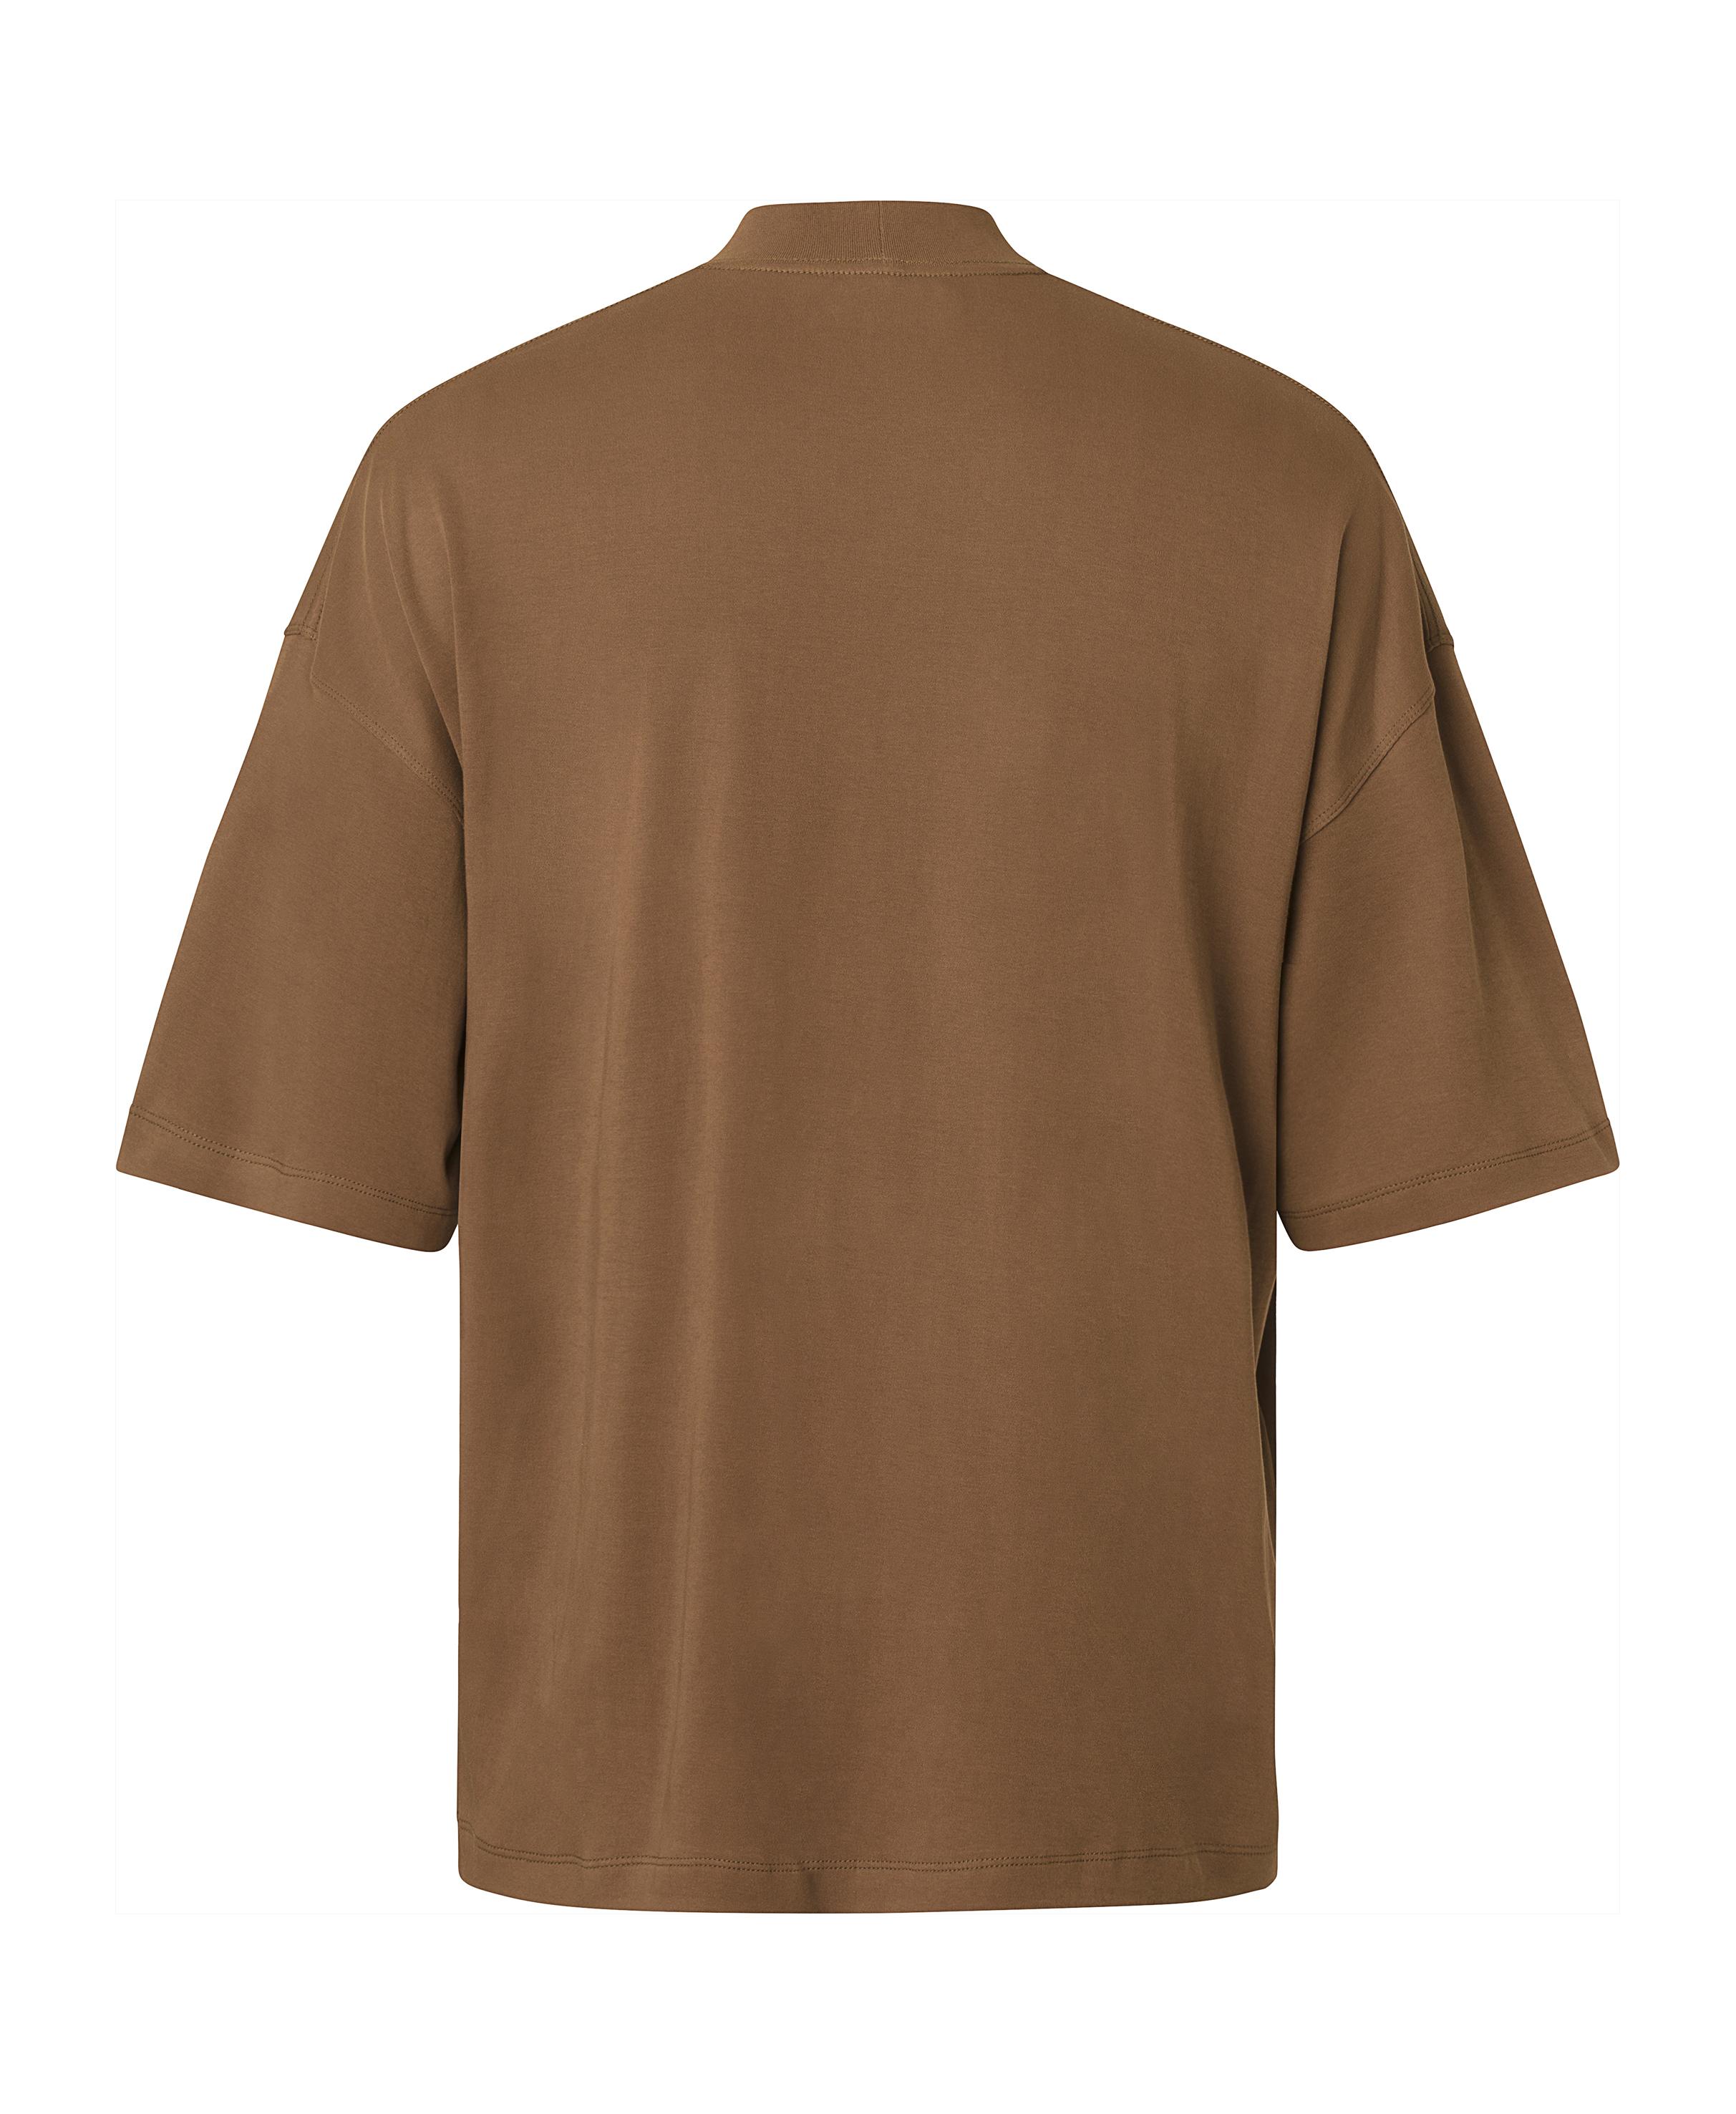 Samsøe Samsøe Hamal T-shirt, Emperador, M